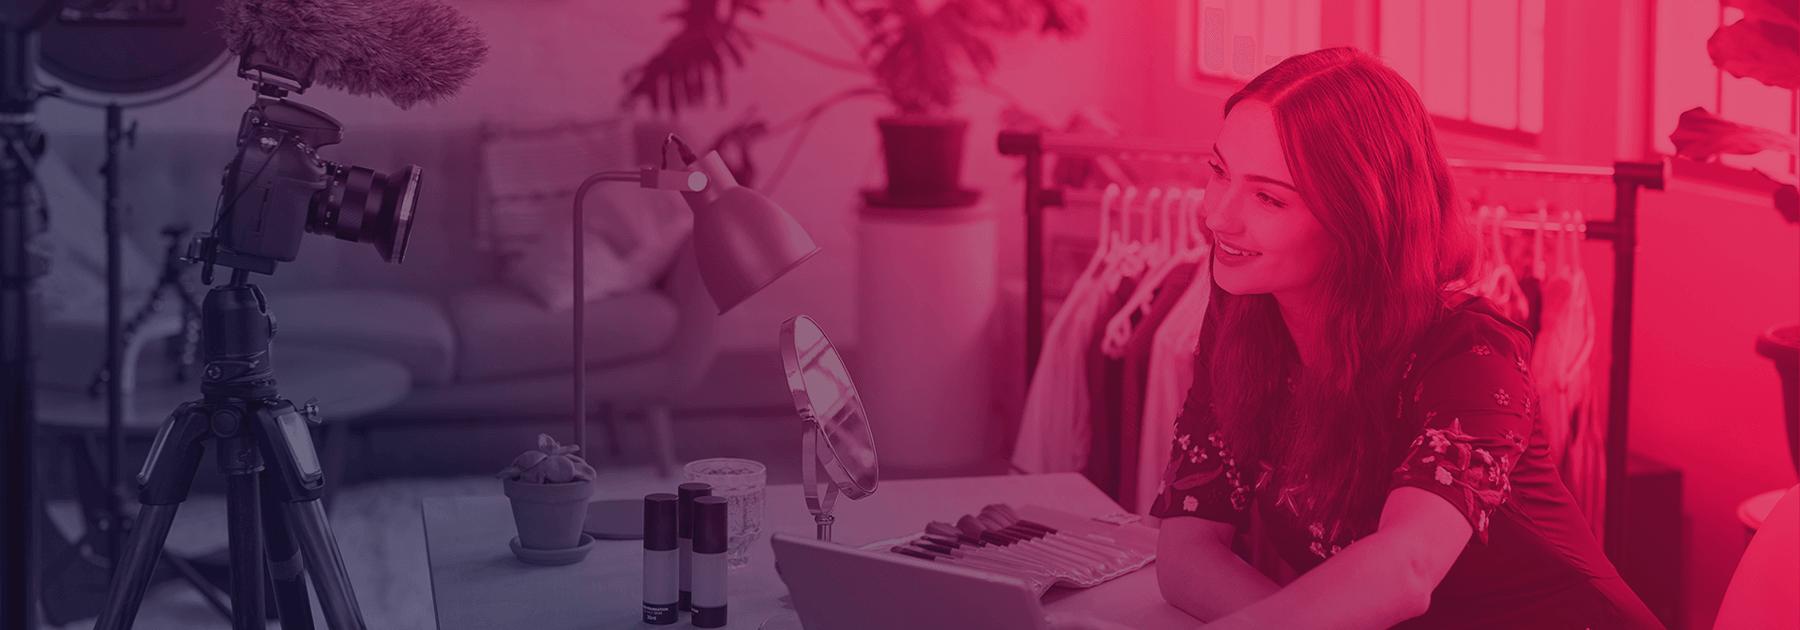 Influencer marketing: Kdy se vyplatí spolupracovat scelebritou akdy smikroinfluencery?